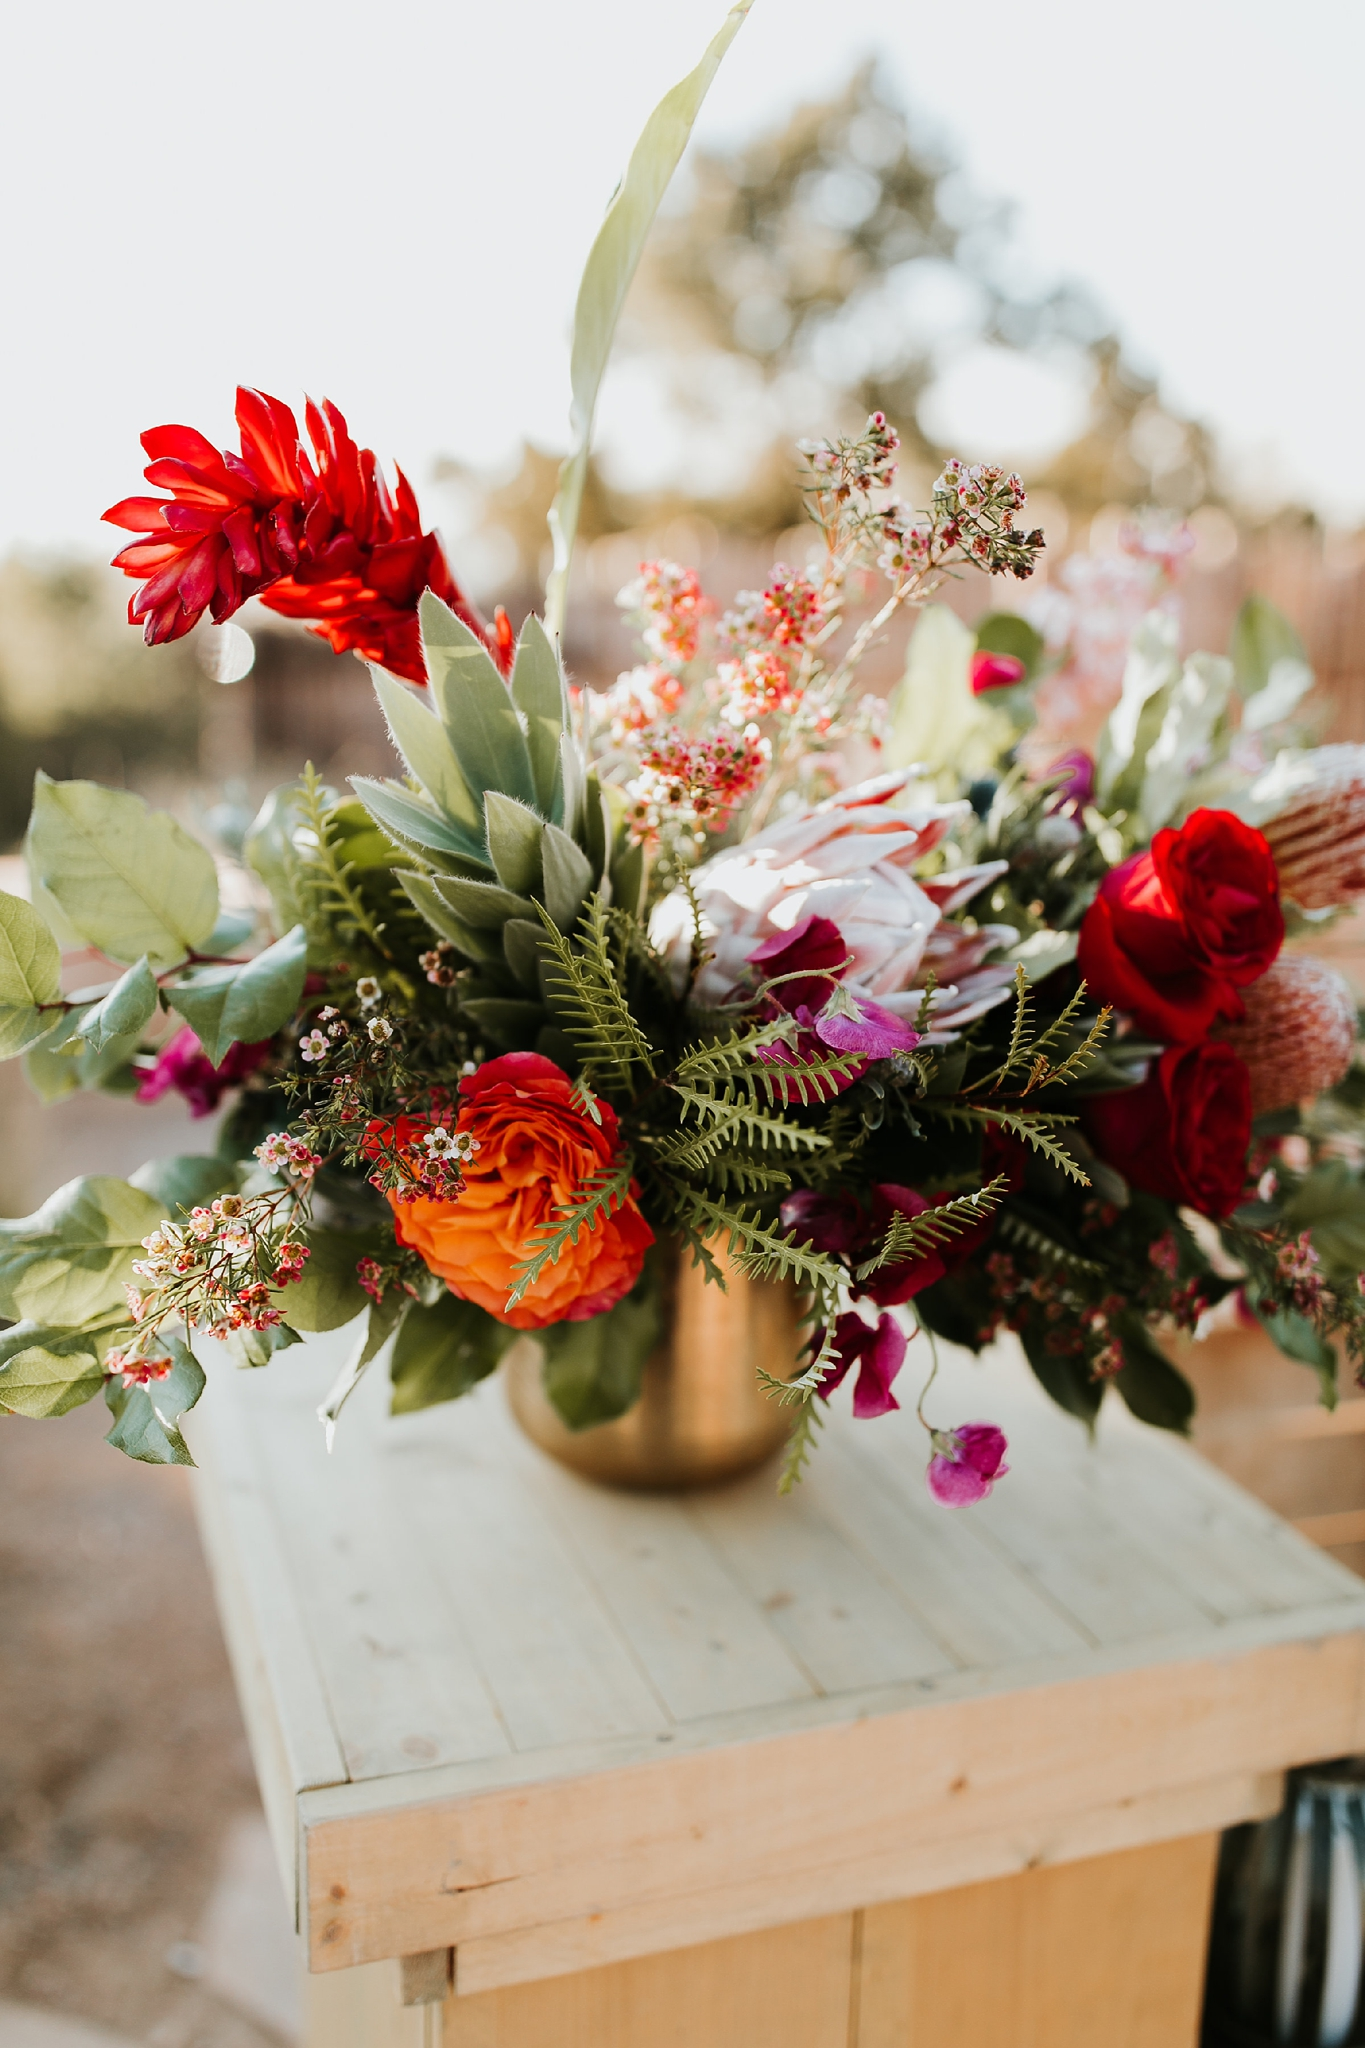 Alicia+lucia+photography+-+albuquerque+wedding+photographer+-+santa+fe+wedding+photography+-+new+mexico+wedding+photographer+-+new+mexico+wedding+-+new+mexico+florist+-+floriography+flowers+-+floriography+flowers+new+mexico+-+wedding+florist_0055.jpg